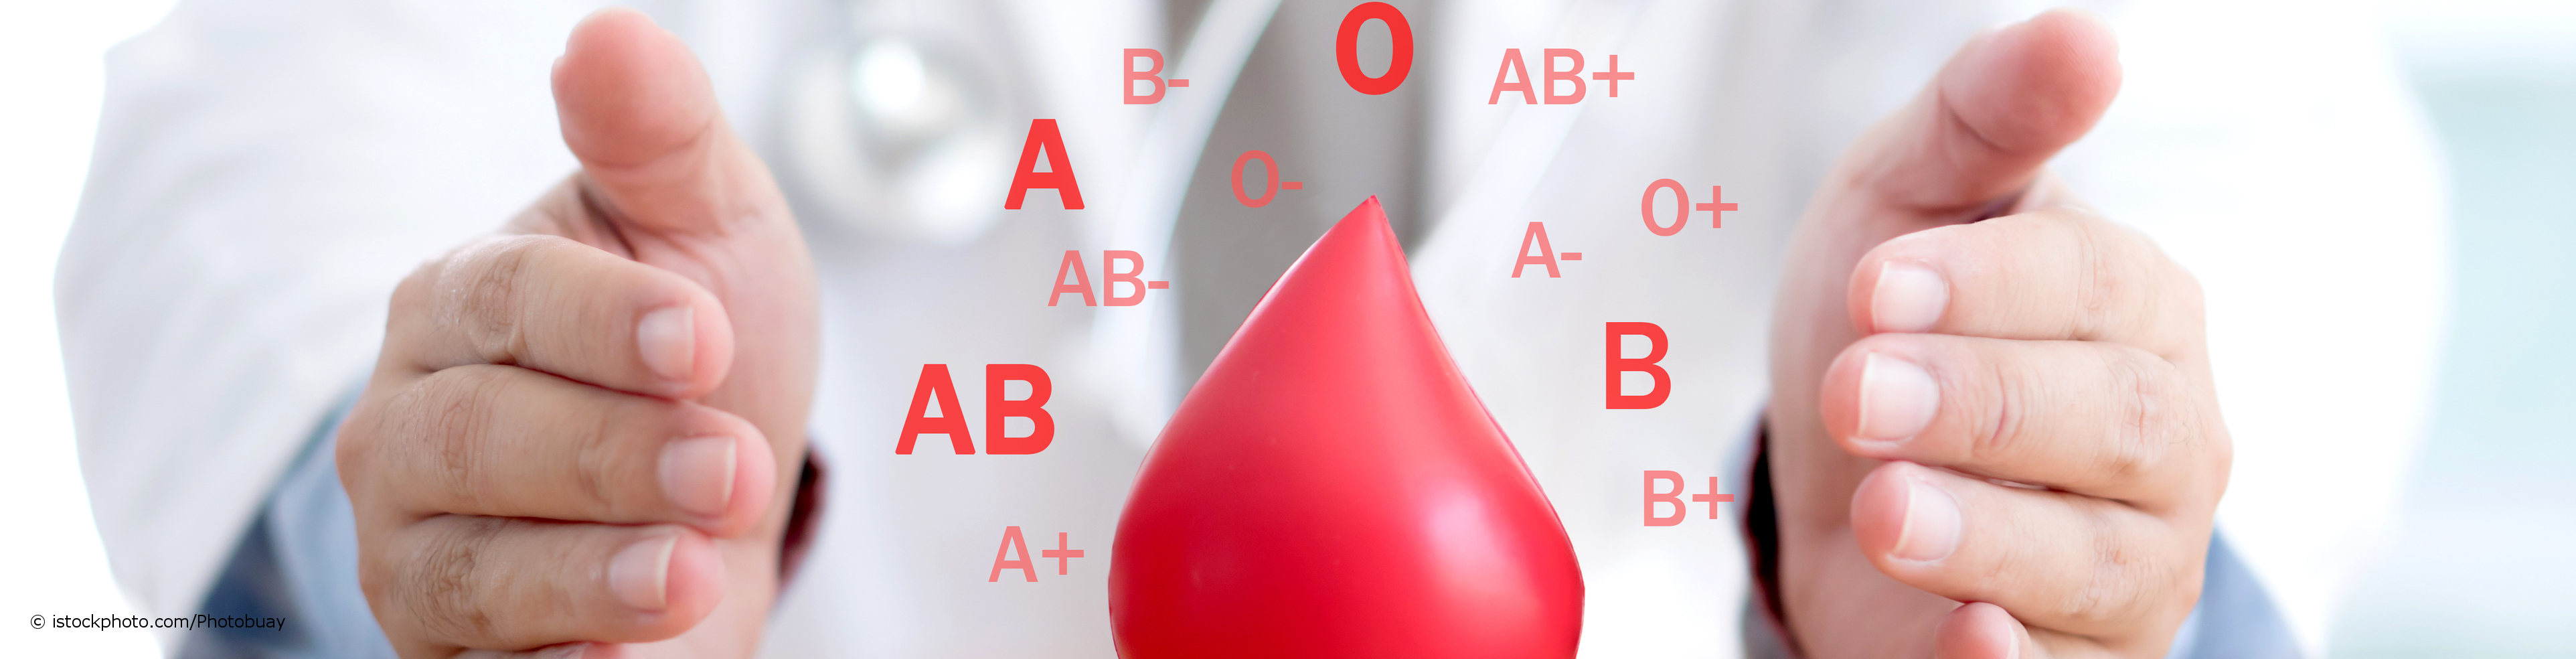 Transfusionsmediziner umschließt mit seinen Händen ein Modell eines Blutstropfens, der von Blutgruppen (A, B, AB, 0 und Rhesusfaktoren (+-) umgeben ist.